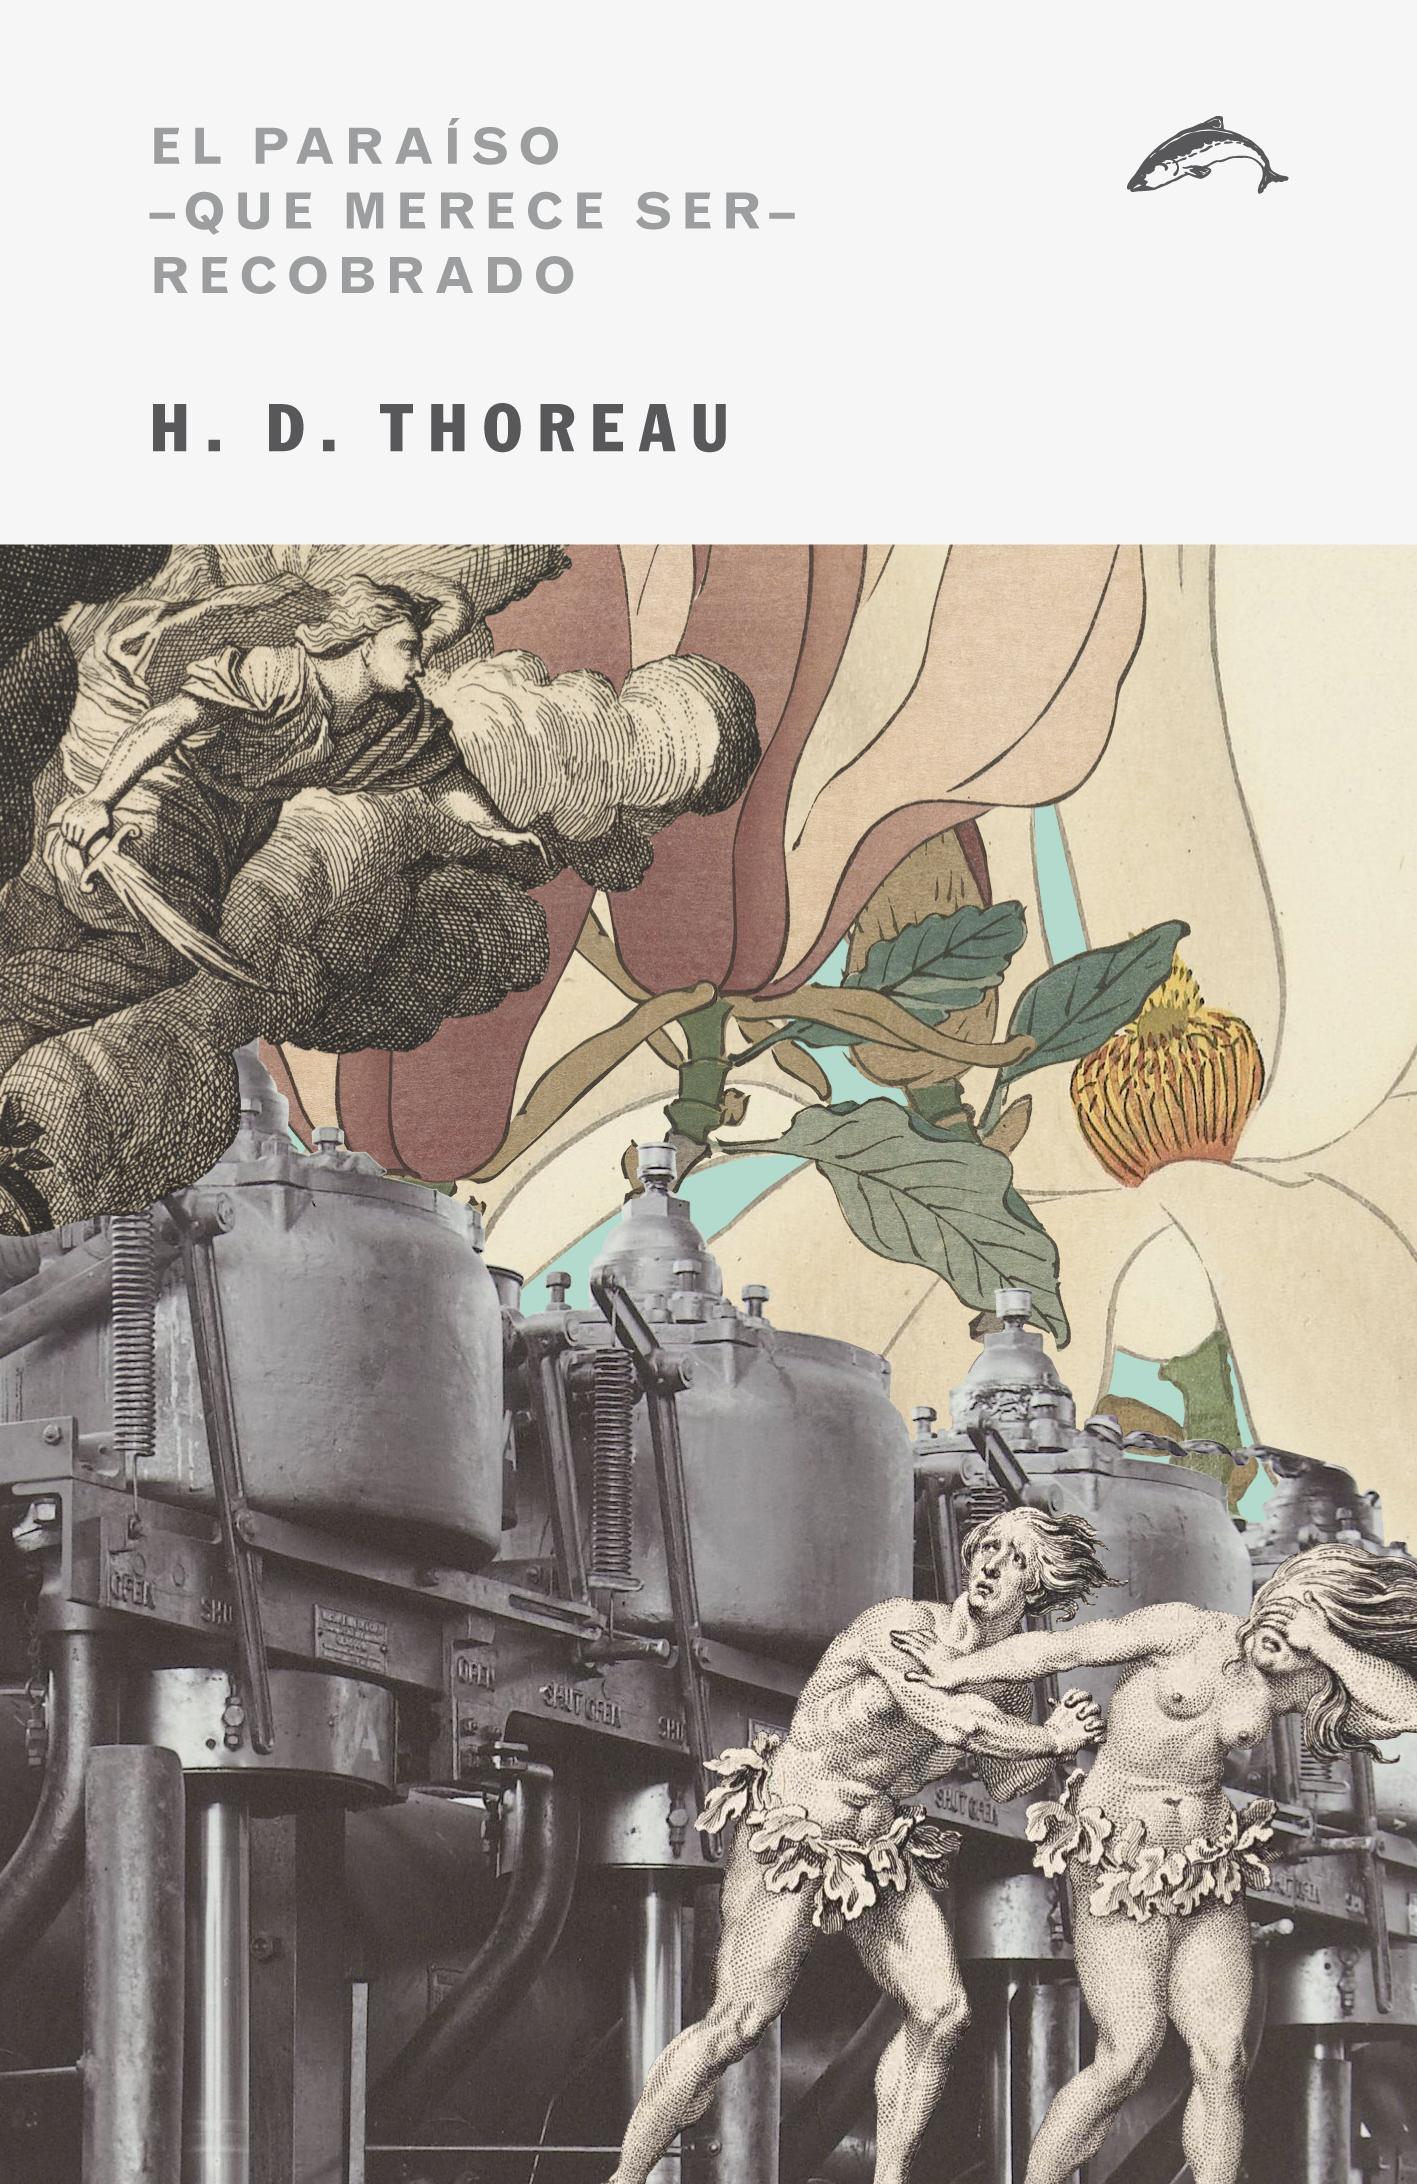 Tras la senda de Thoreau: libros, ensayos, documentales etc de vida salvaje y naturaleza. Port_thoreau_suelta